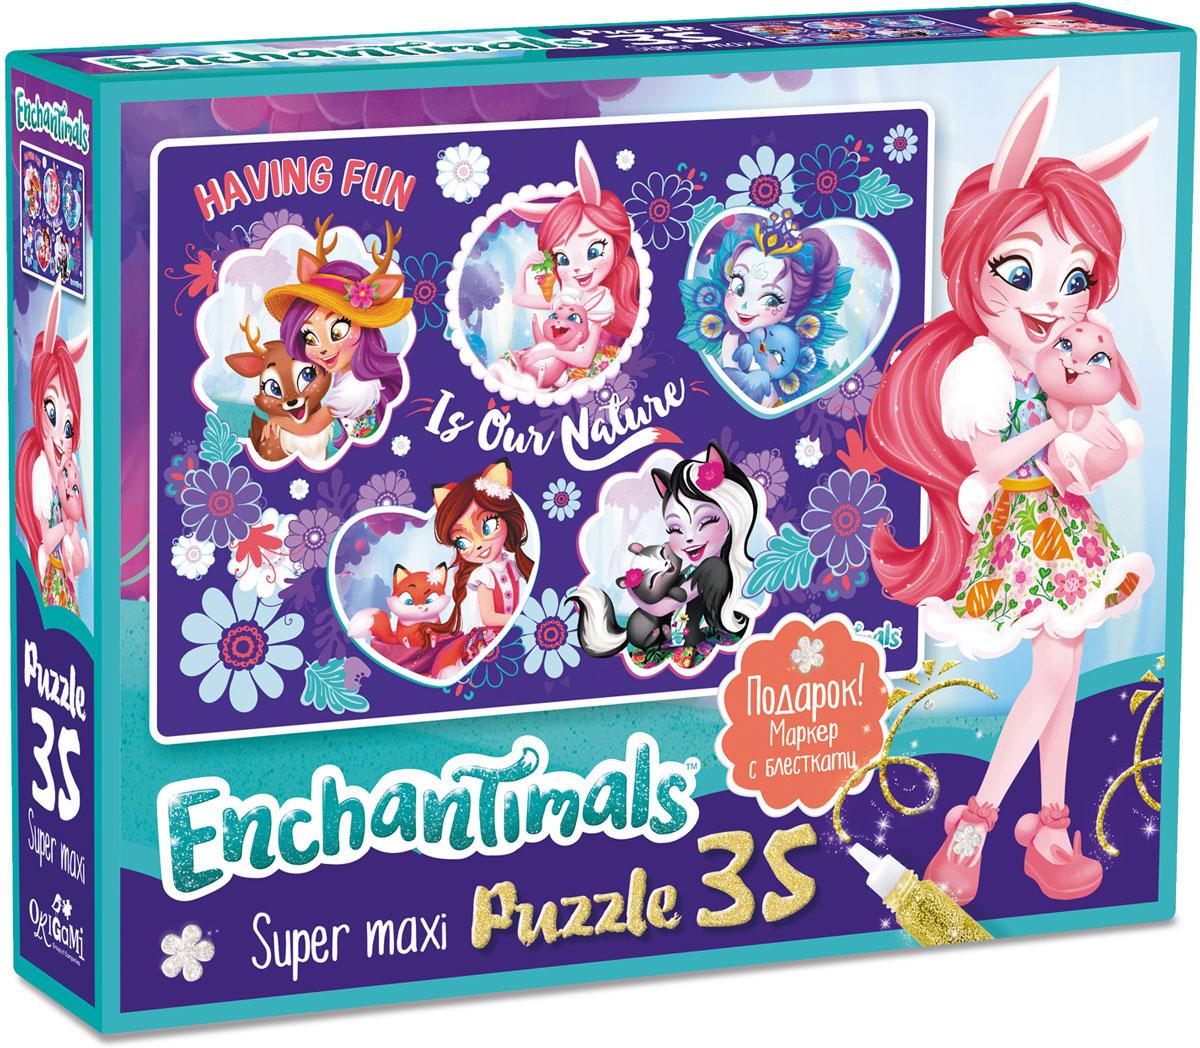 Enchantimals Пазл Nature, ООО Группа компаний Оригами , Обучение и развитие  - купить со скидкой